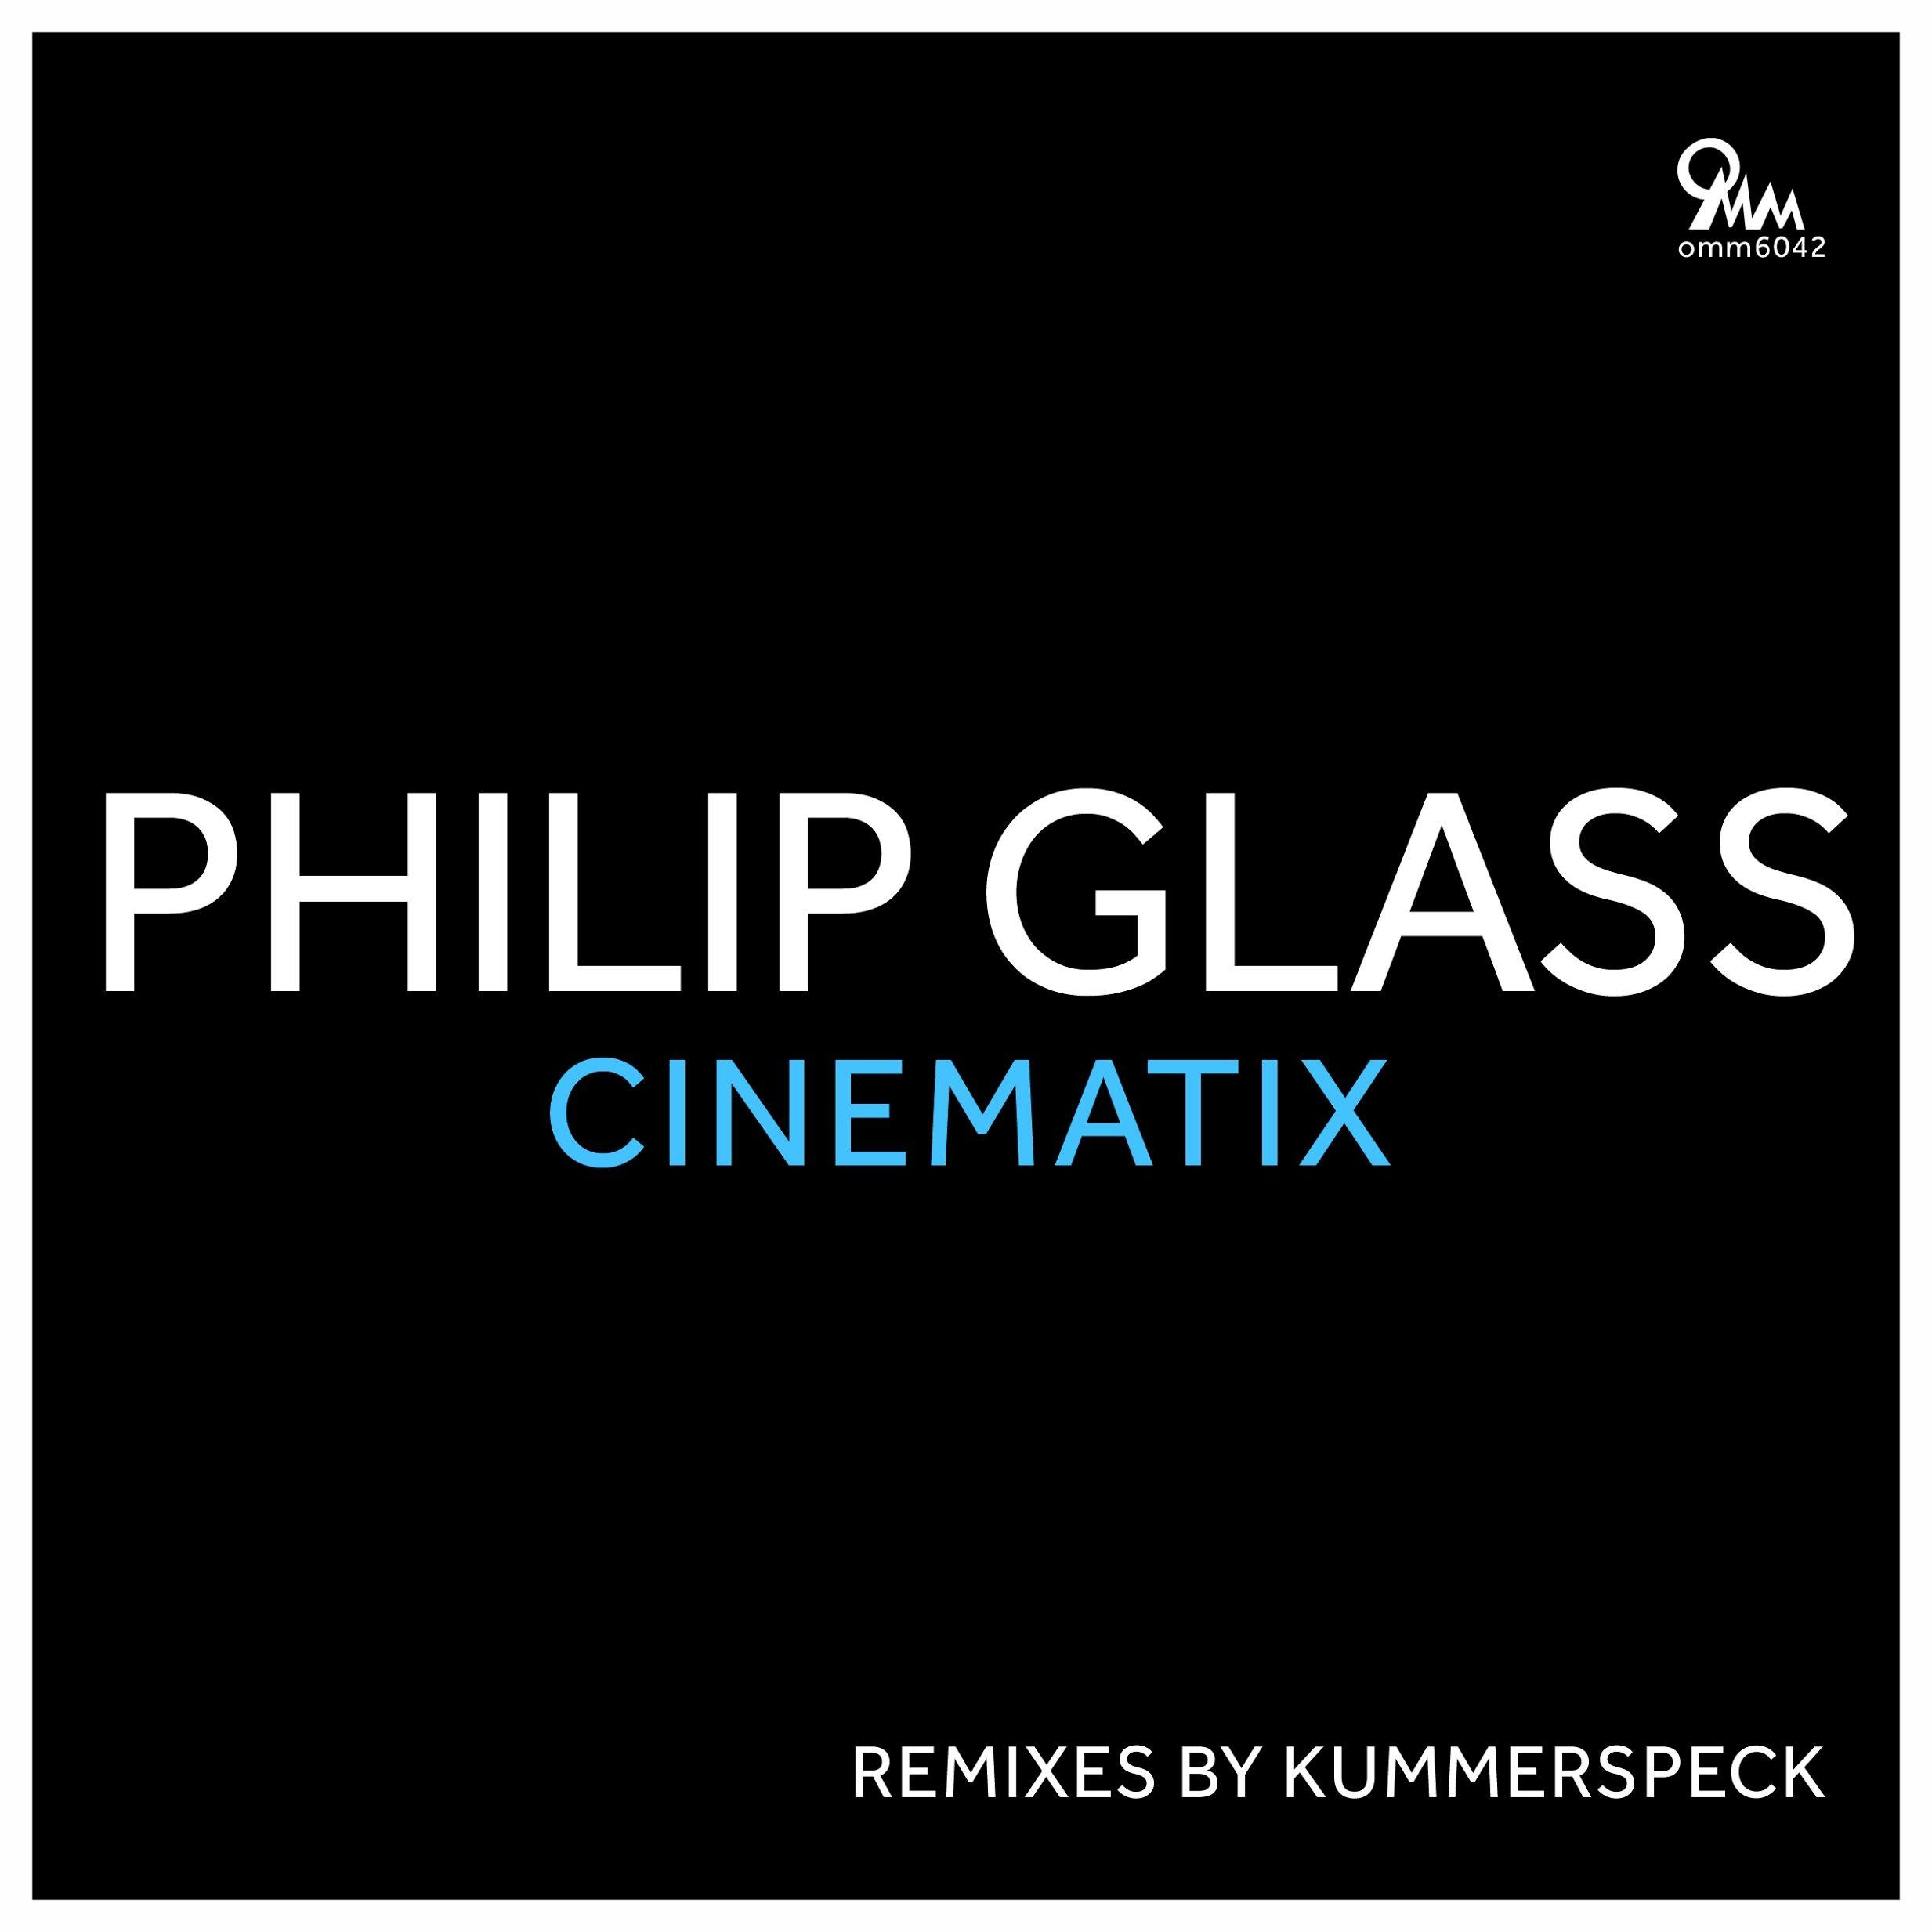 Cinematix Philip Glass featuring Kummerspeck